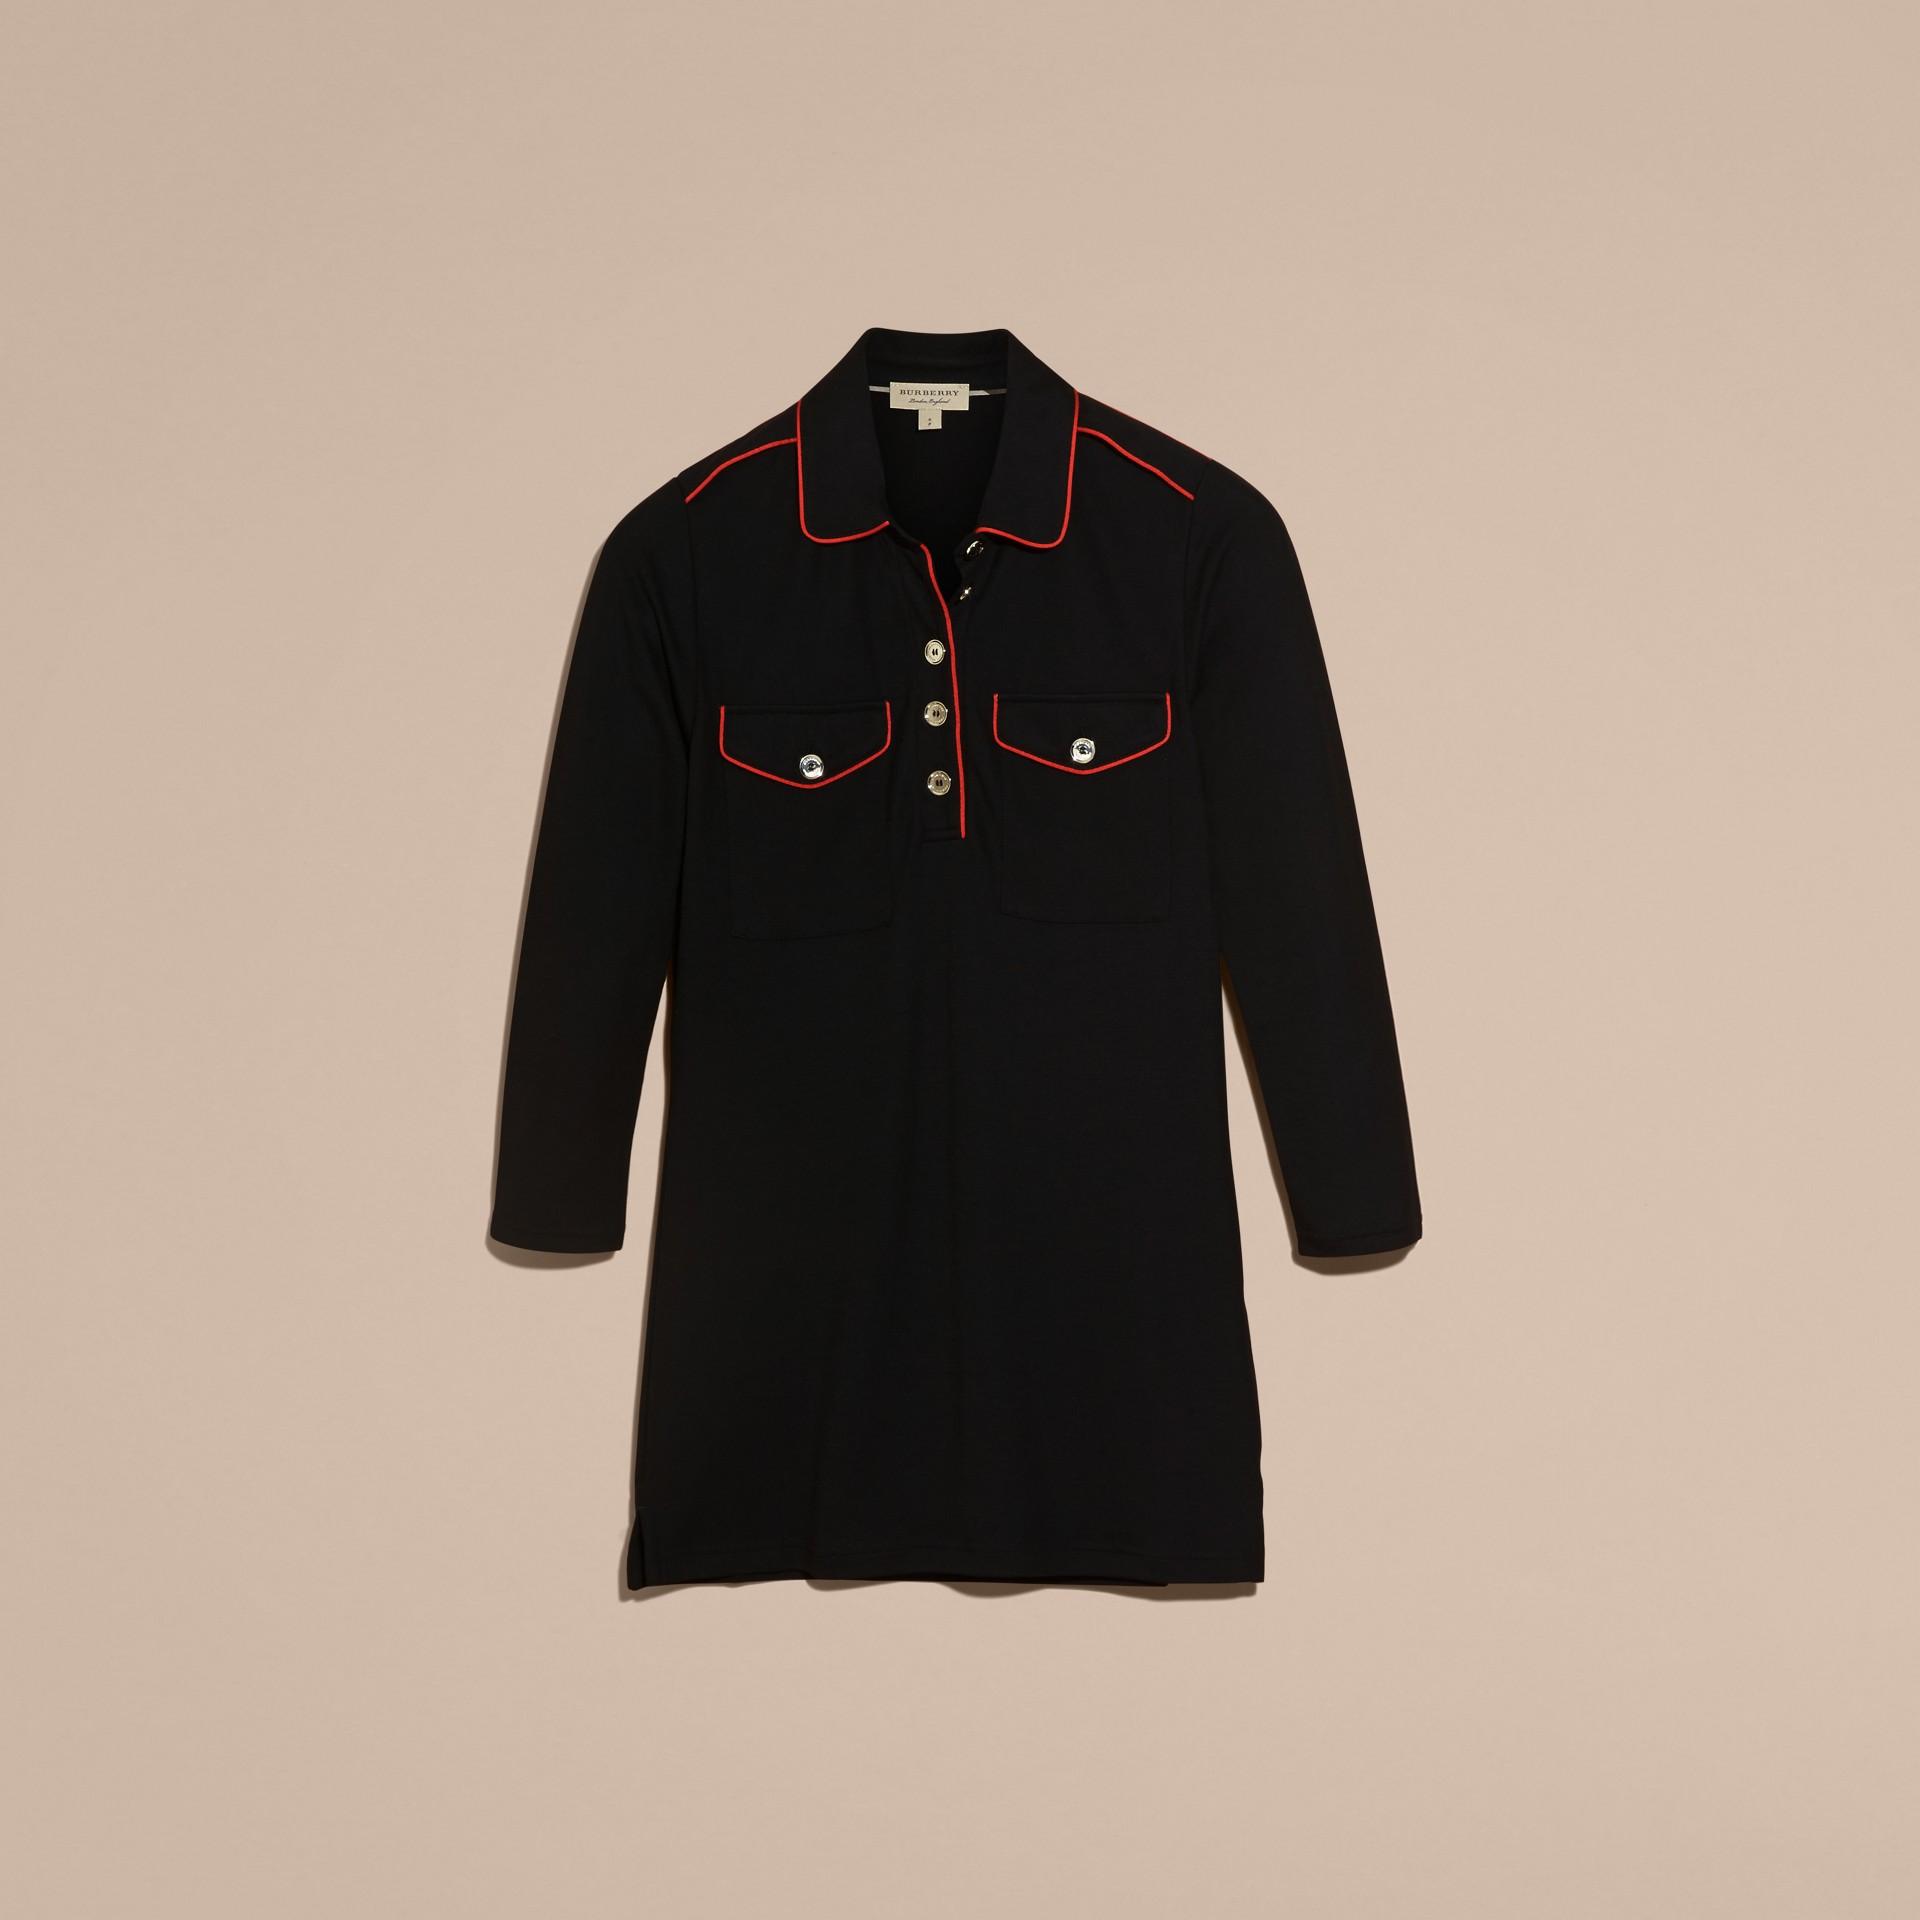 Noir Polo ajusté avec passepoils militaires Noir - photo de la galerie 4